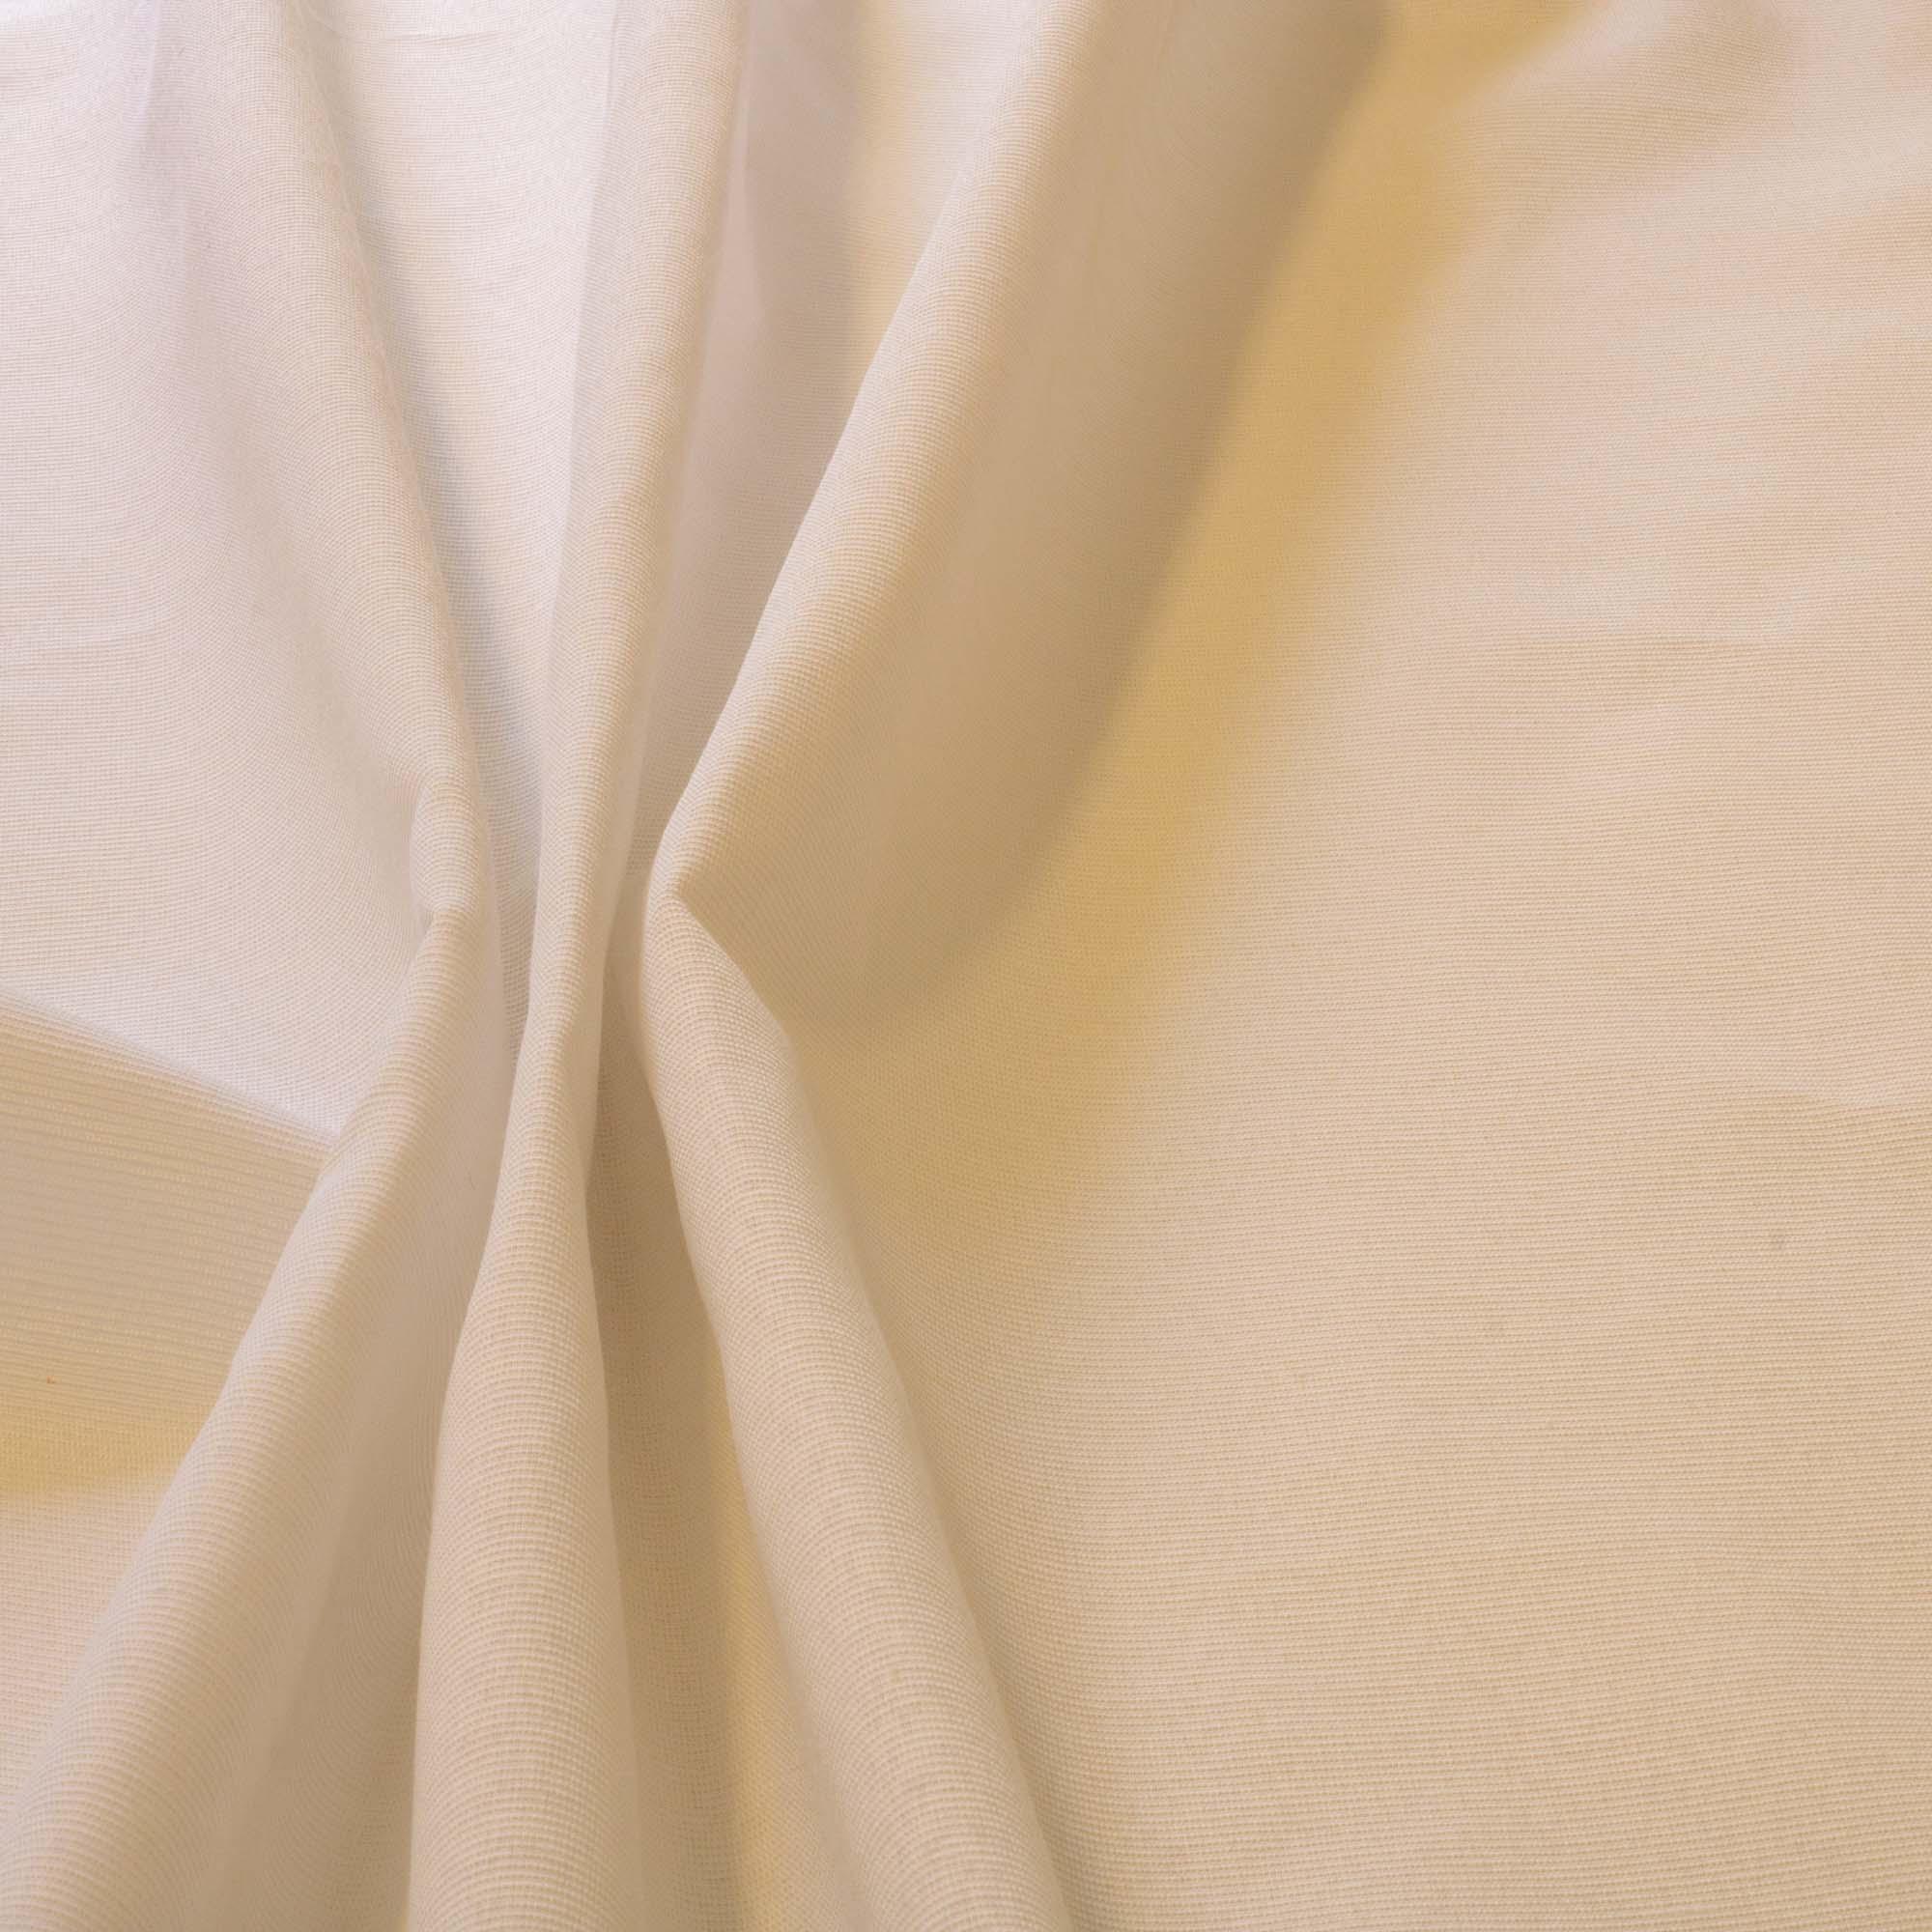 Tecido Gorgurinho Branco 52% Poliester 48% Algodão 1,50 m Largura